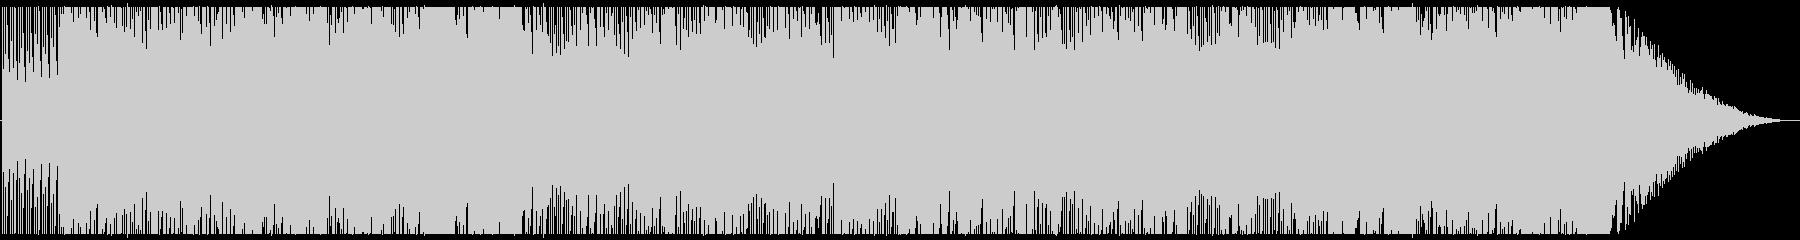 Hamburgの未再生の波形